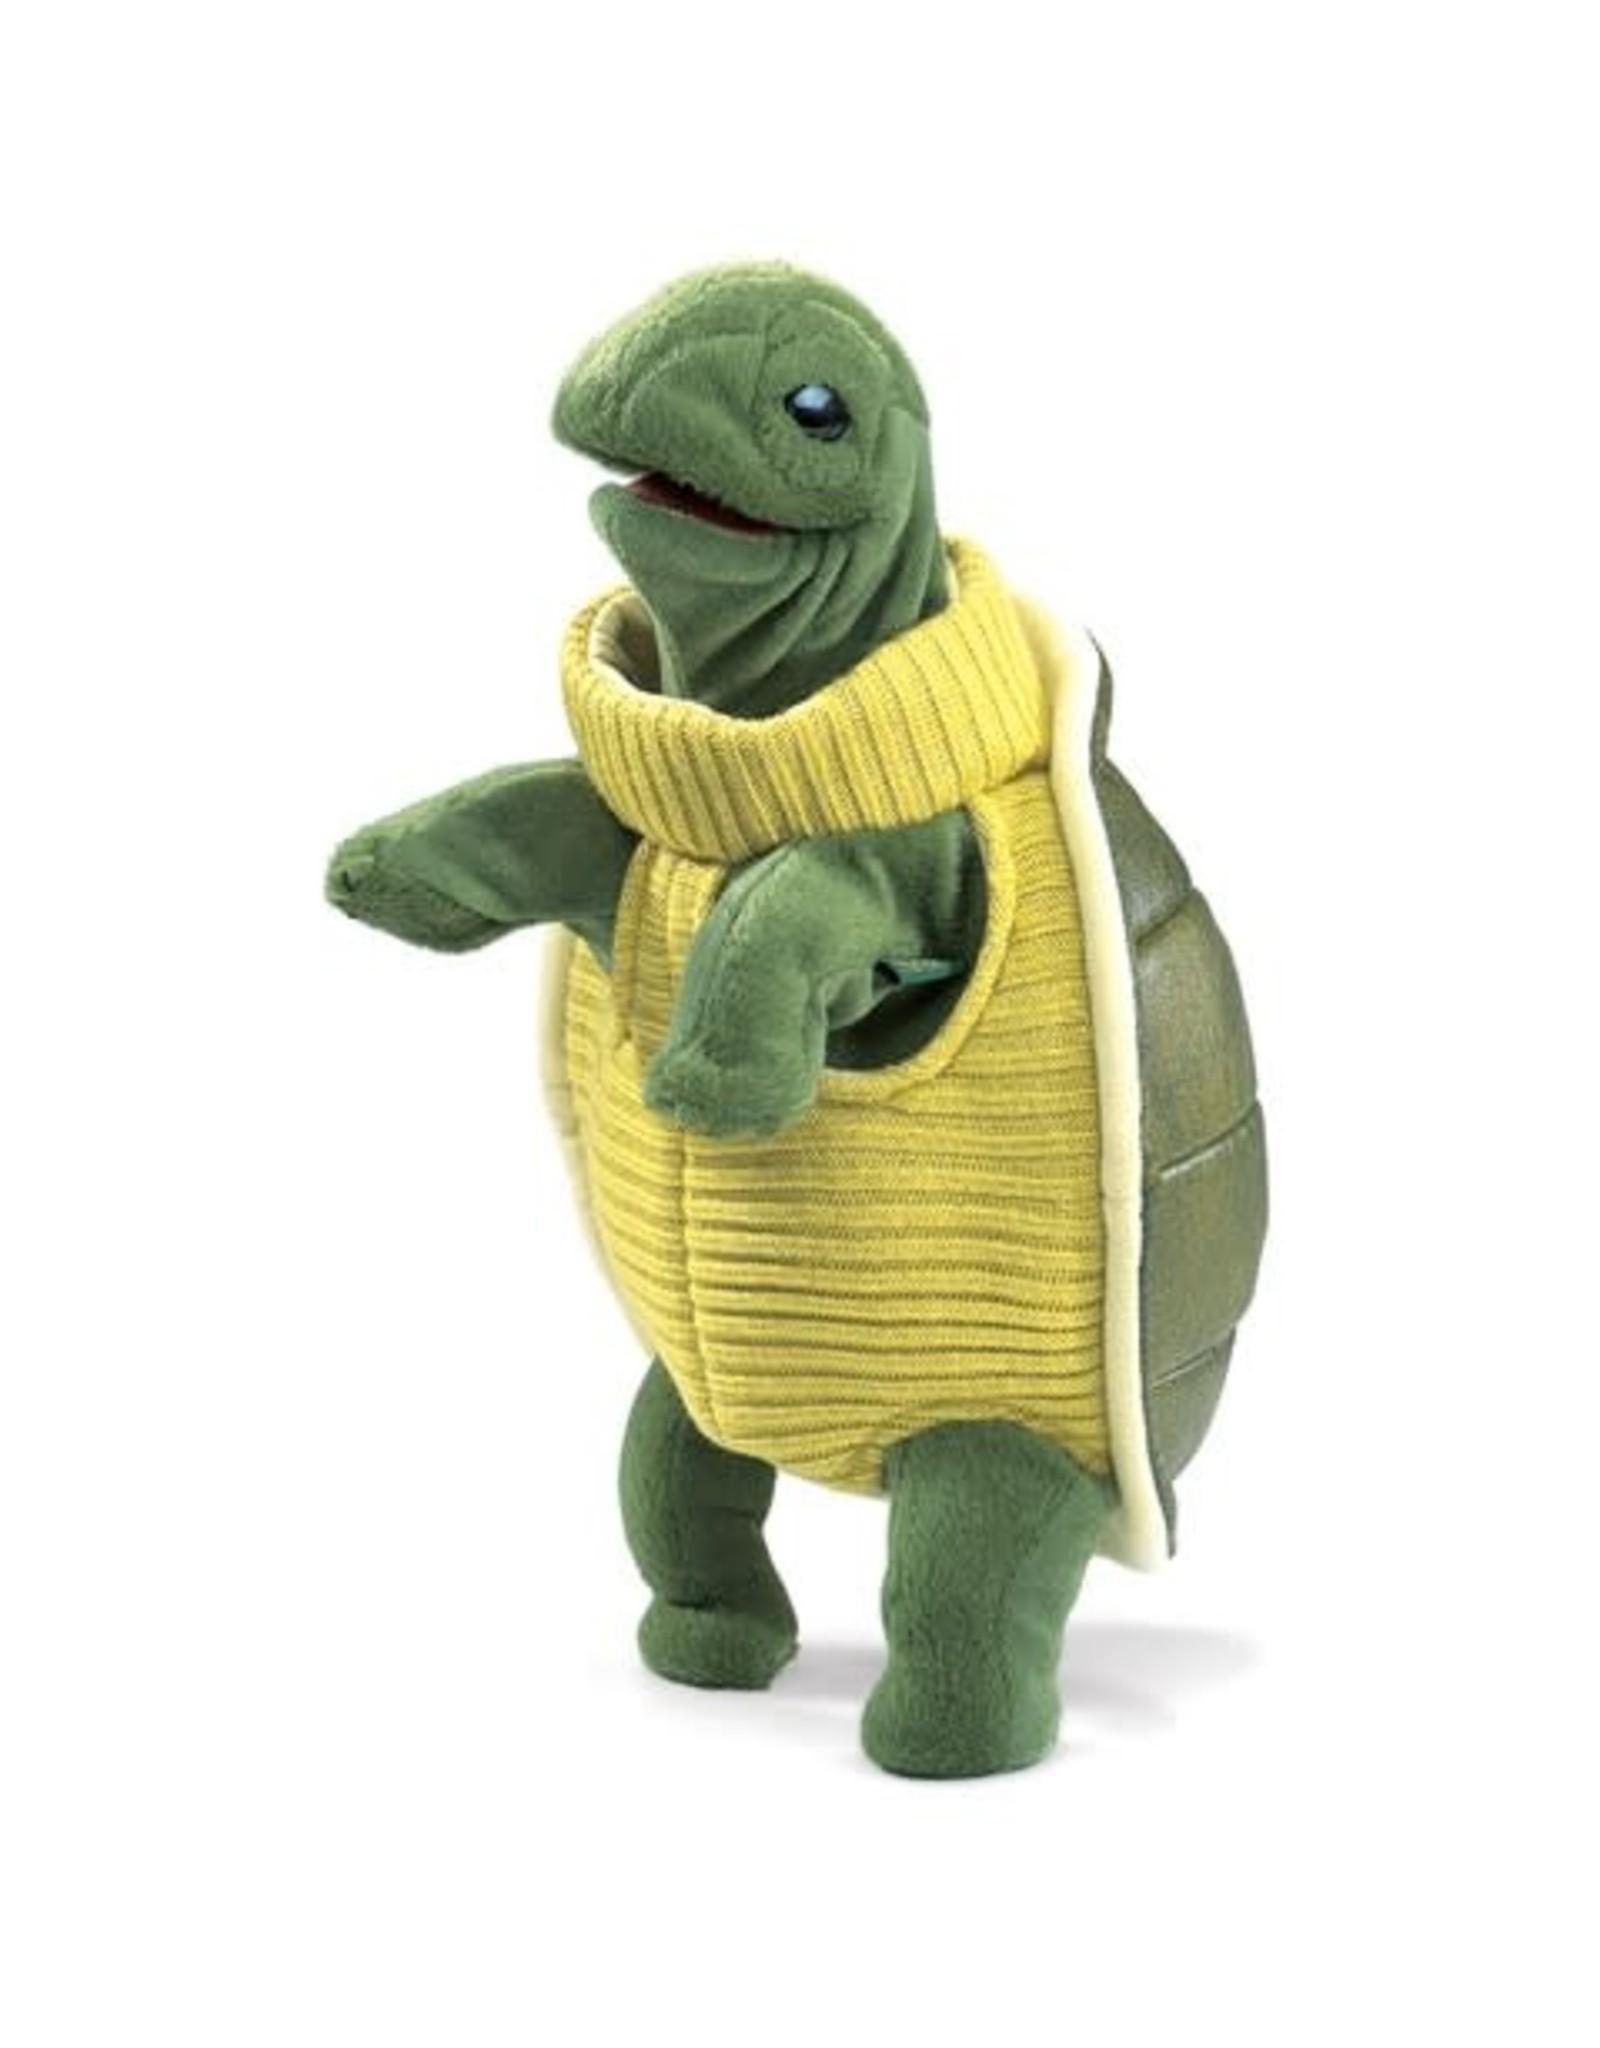 Folkmanis Folkmanis Turtleneck Turtle Puppet